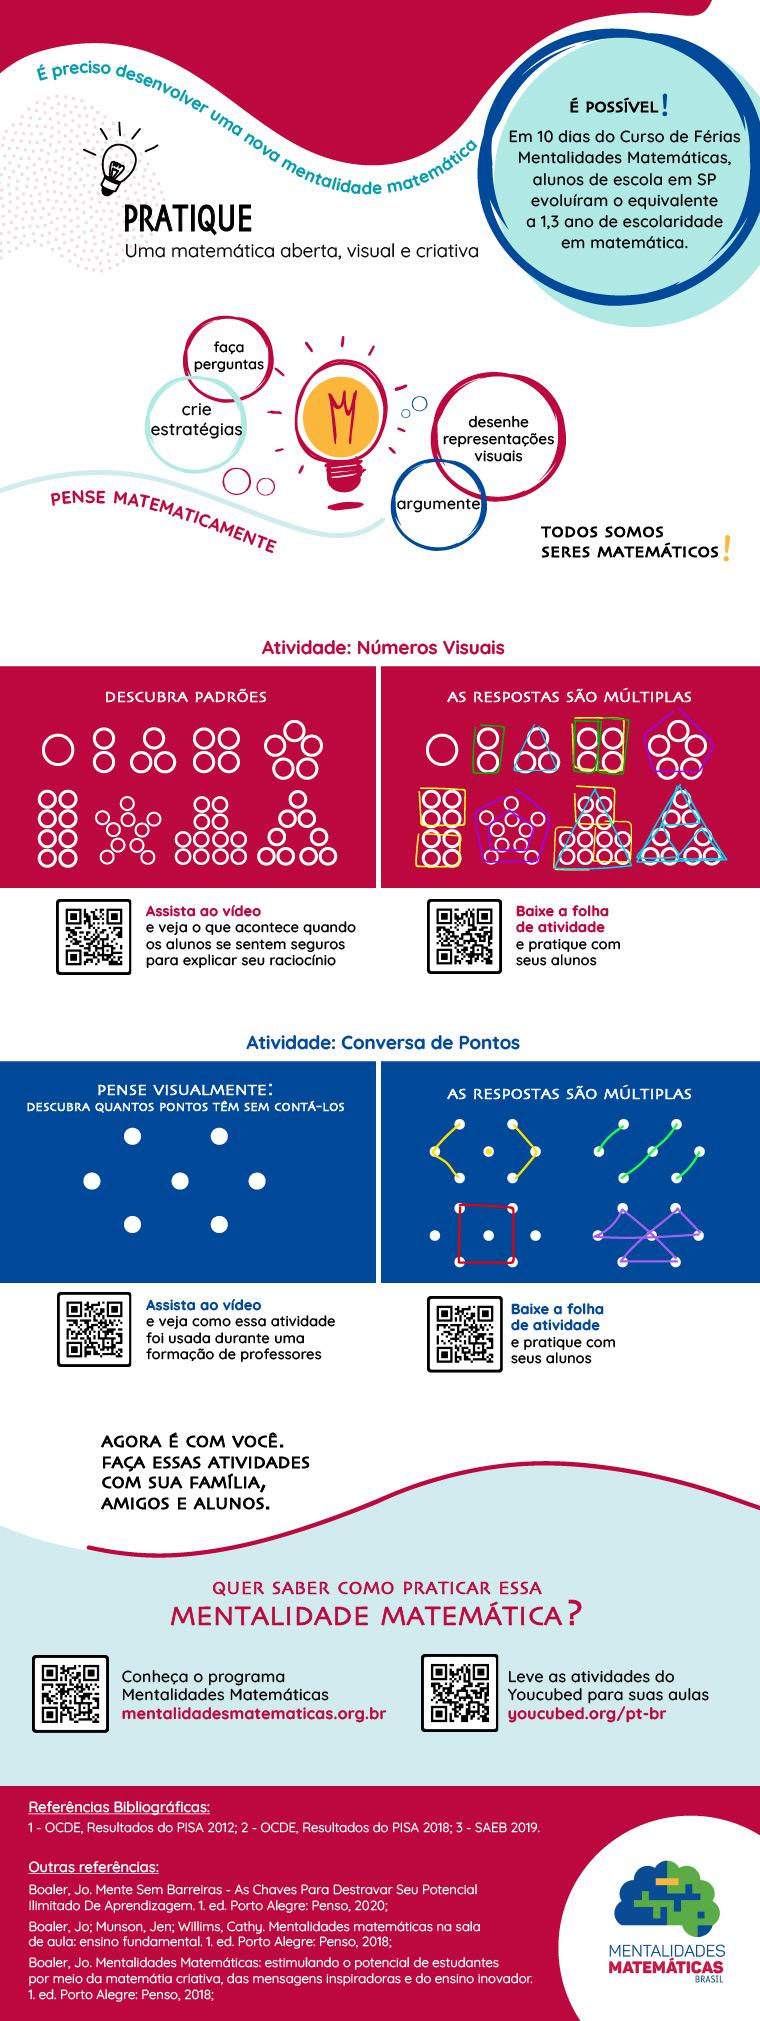 Infográfico Mentalidades Matemáticas - Todos podem aprender matemática